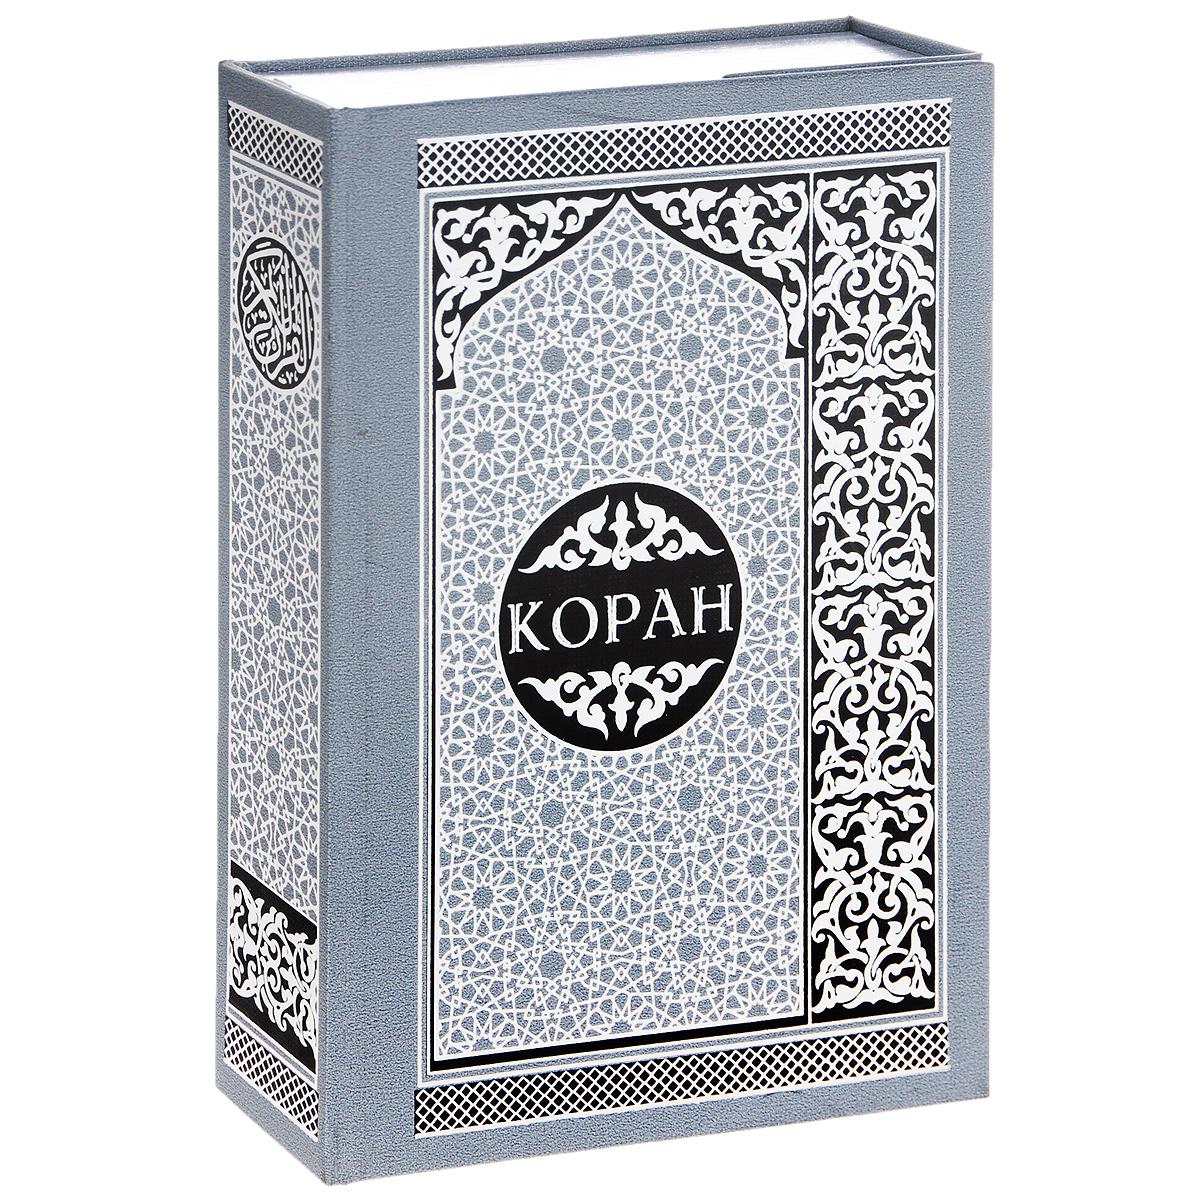 Коран. Перевод смыслов и комментарии (подарочное издание) священный коран подарочное издание